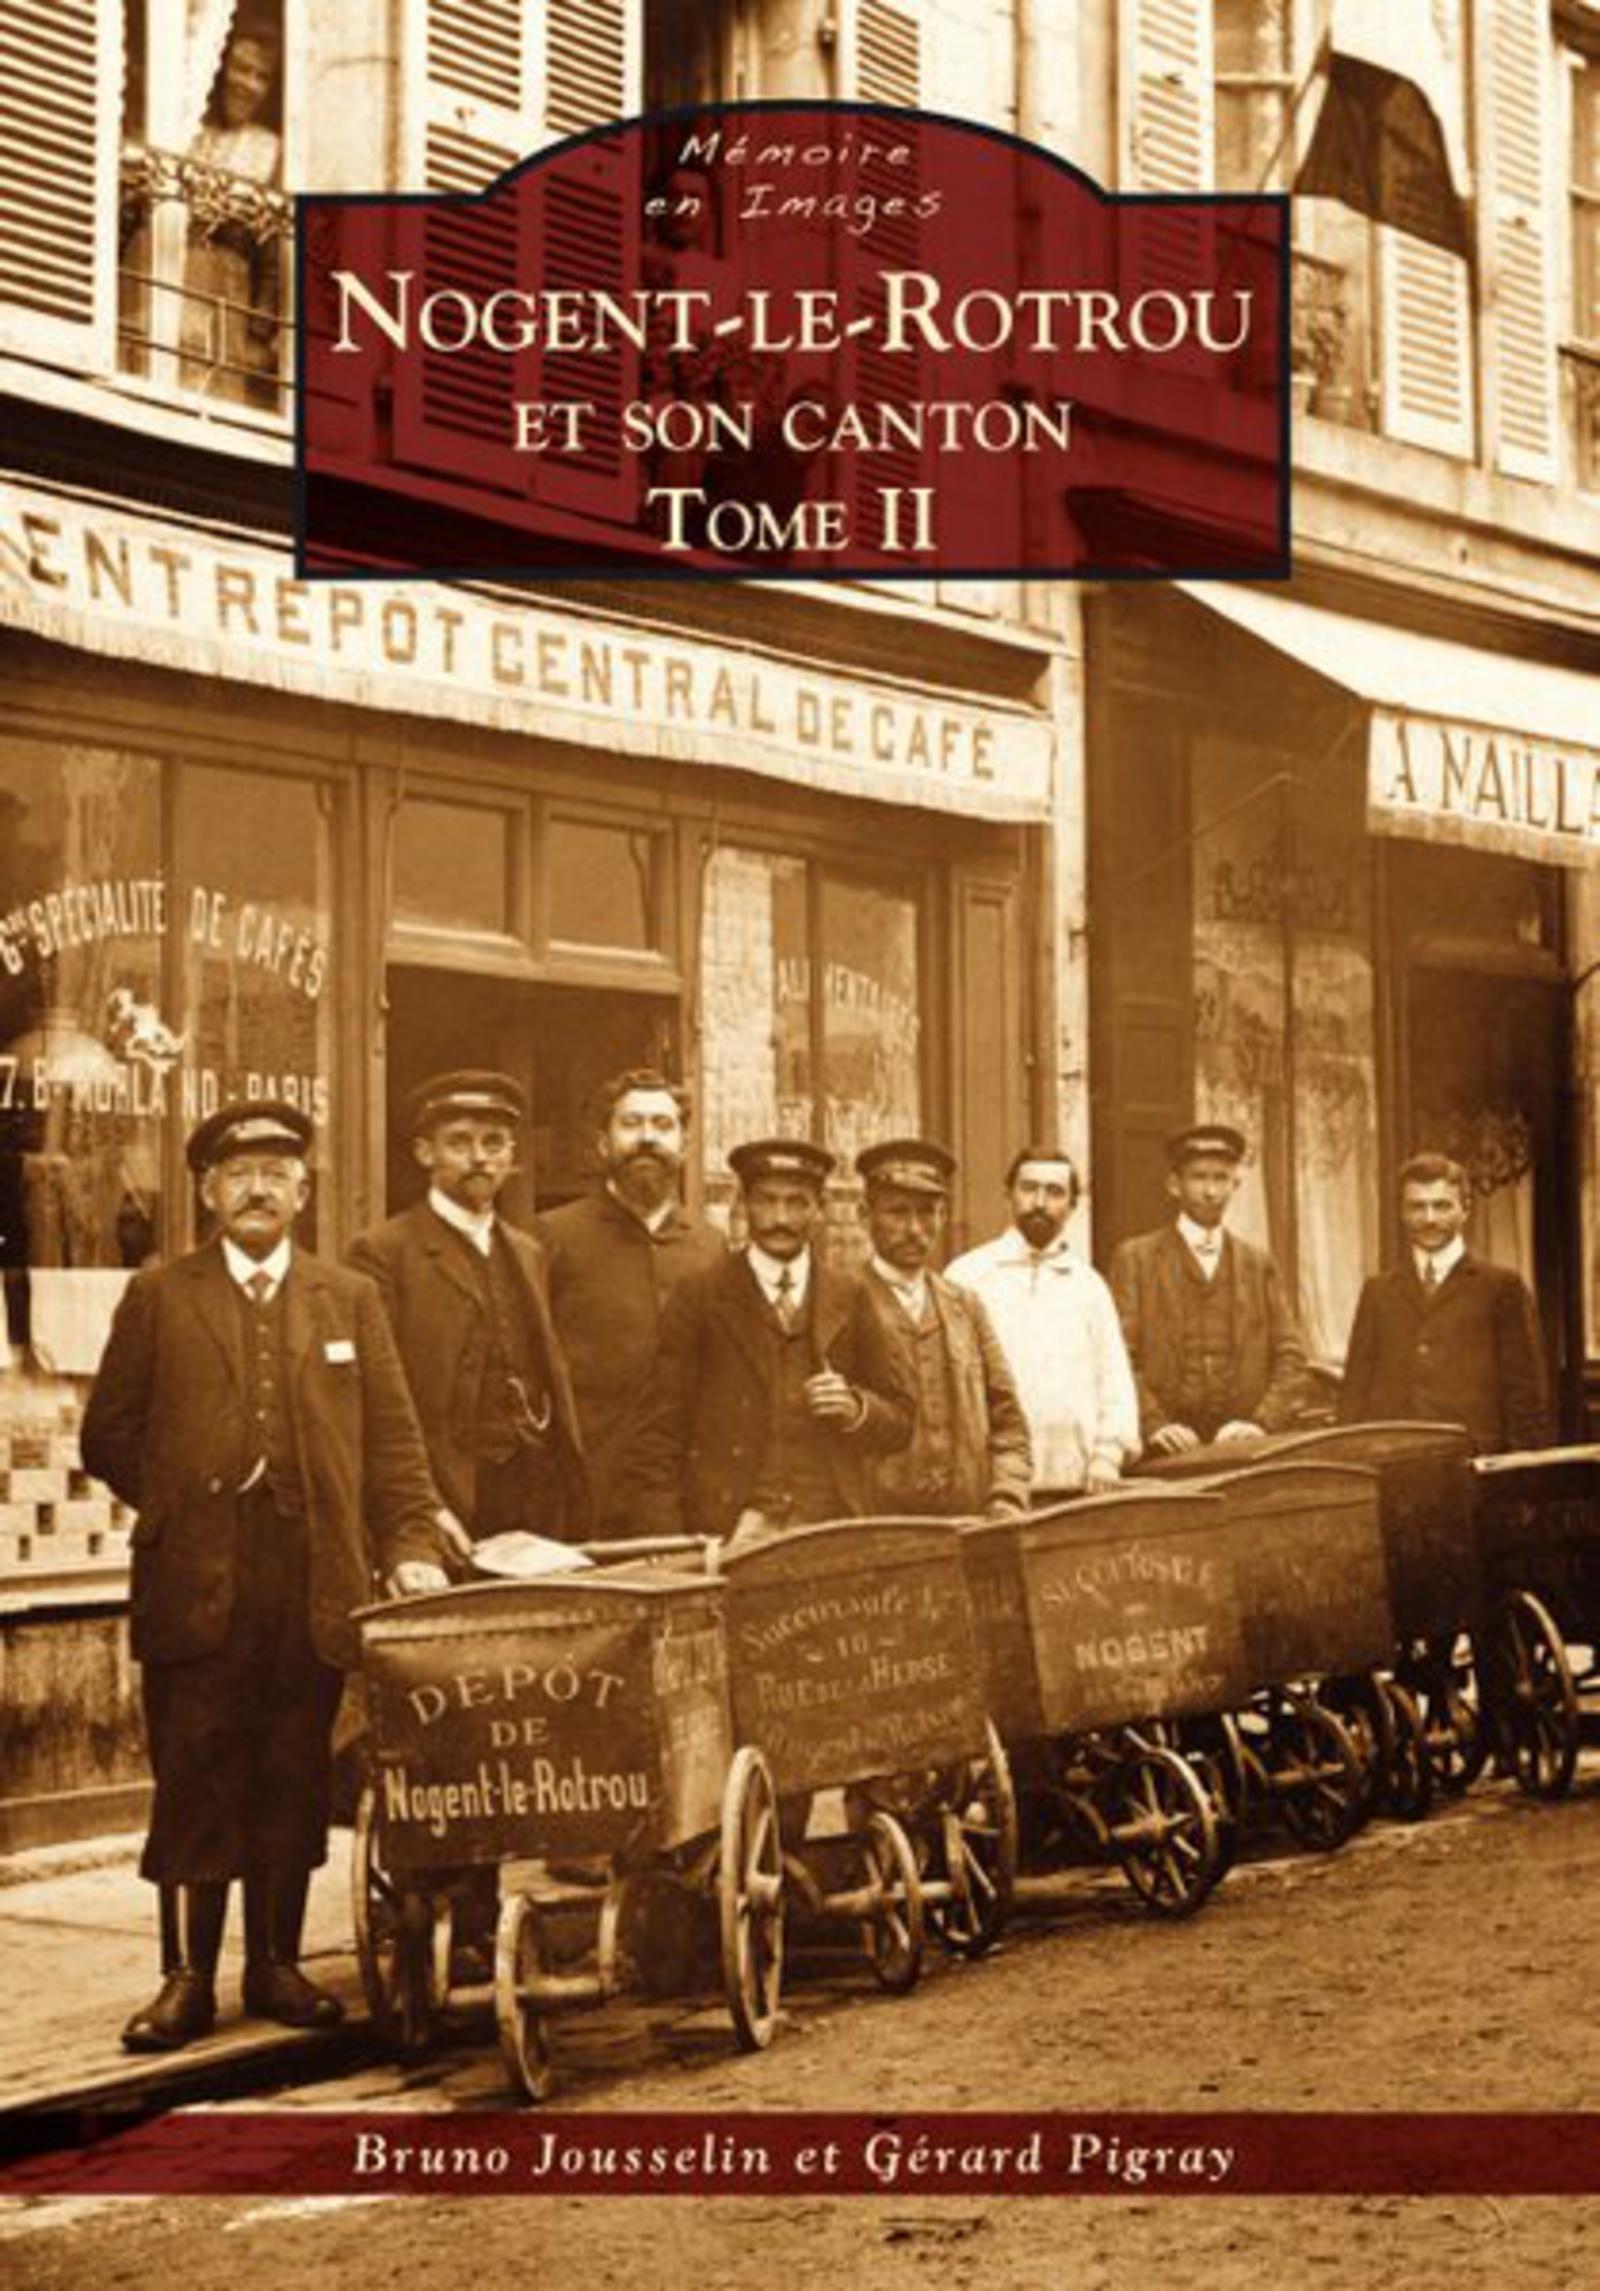 NOGENT-LE-ROTROU ET SON CANTON - TOME II